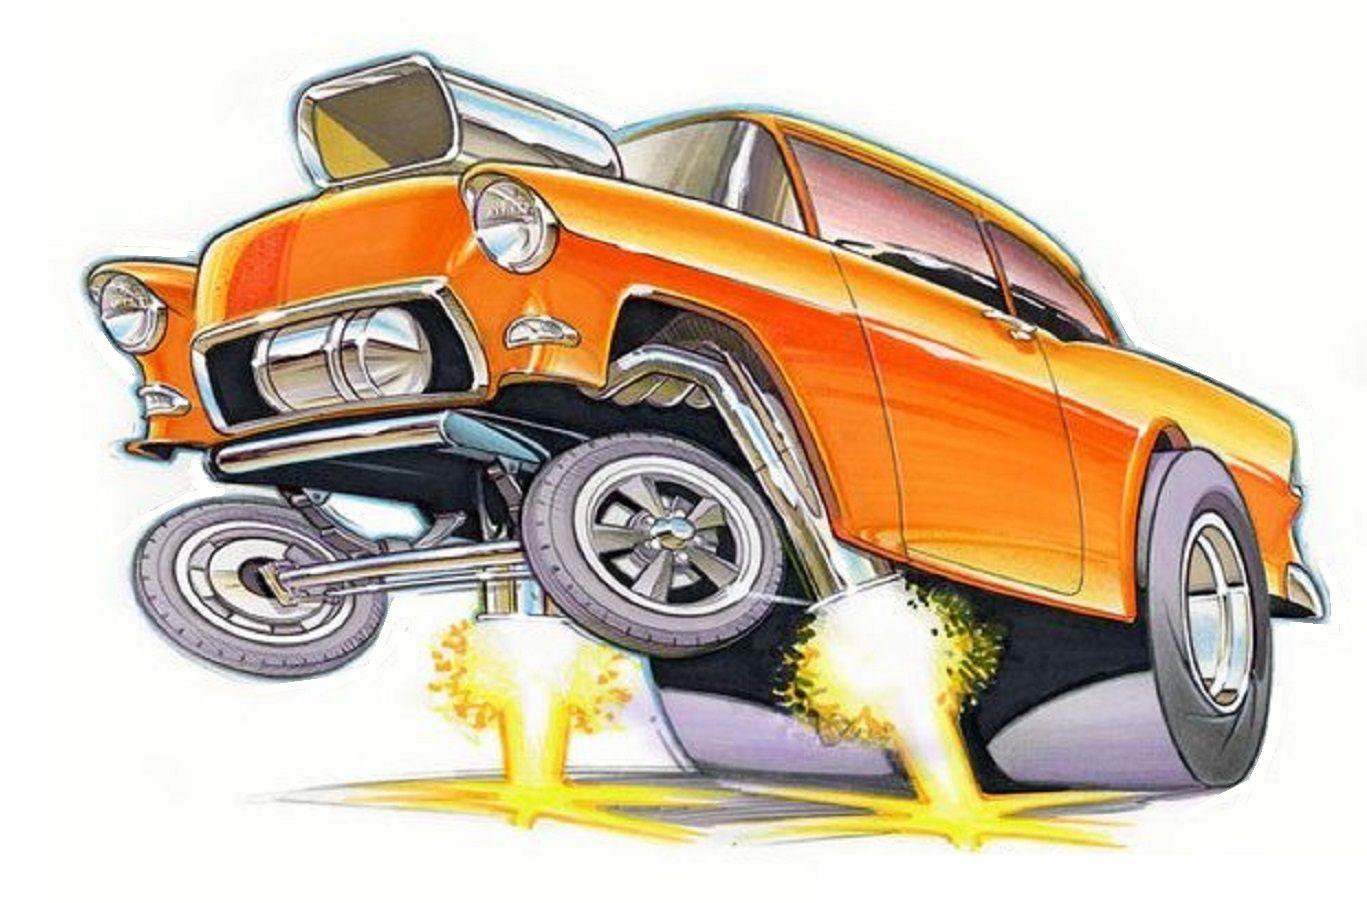 Krazy Car: Carritos, Coches, Autos